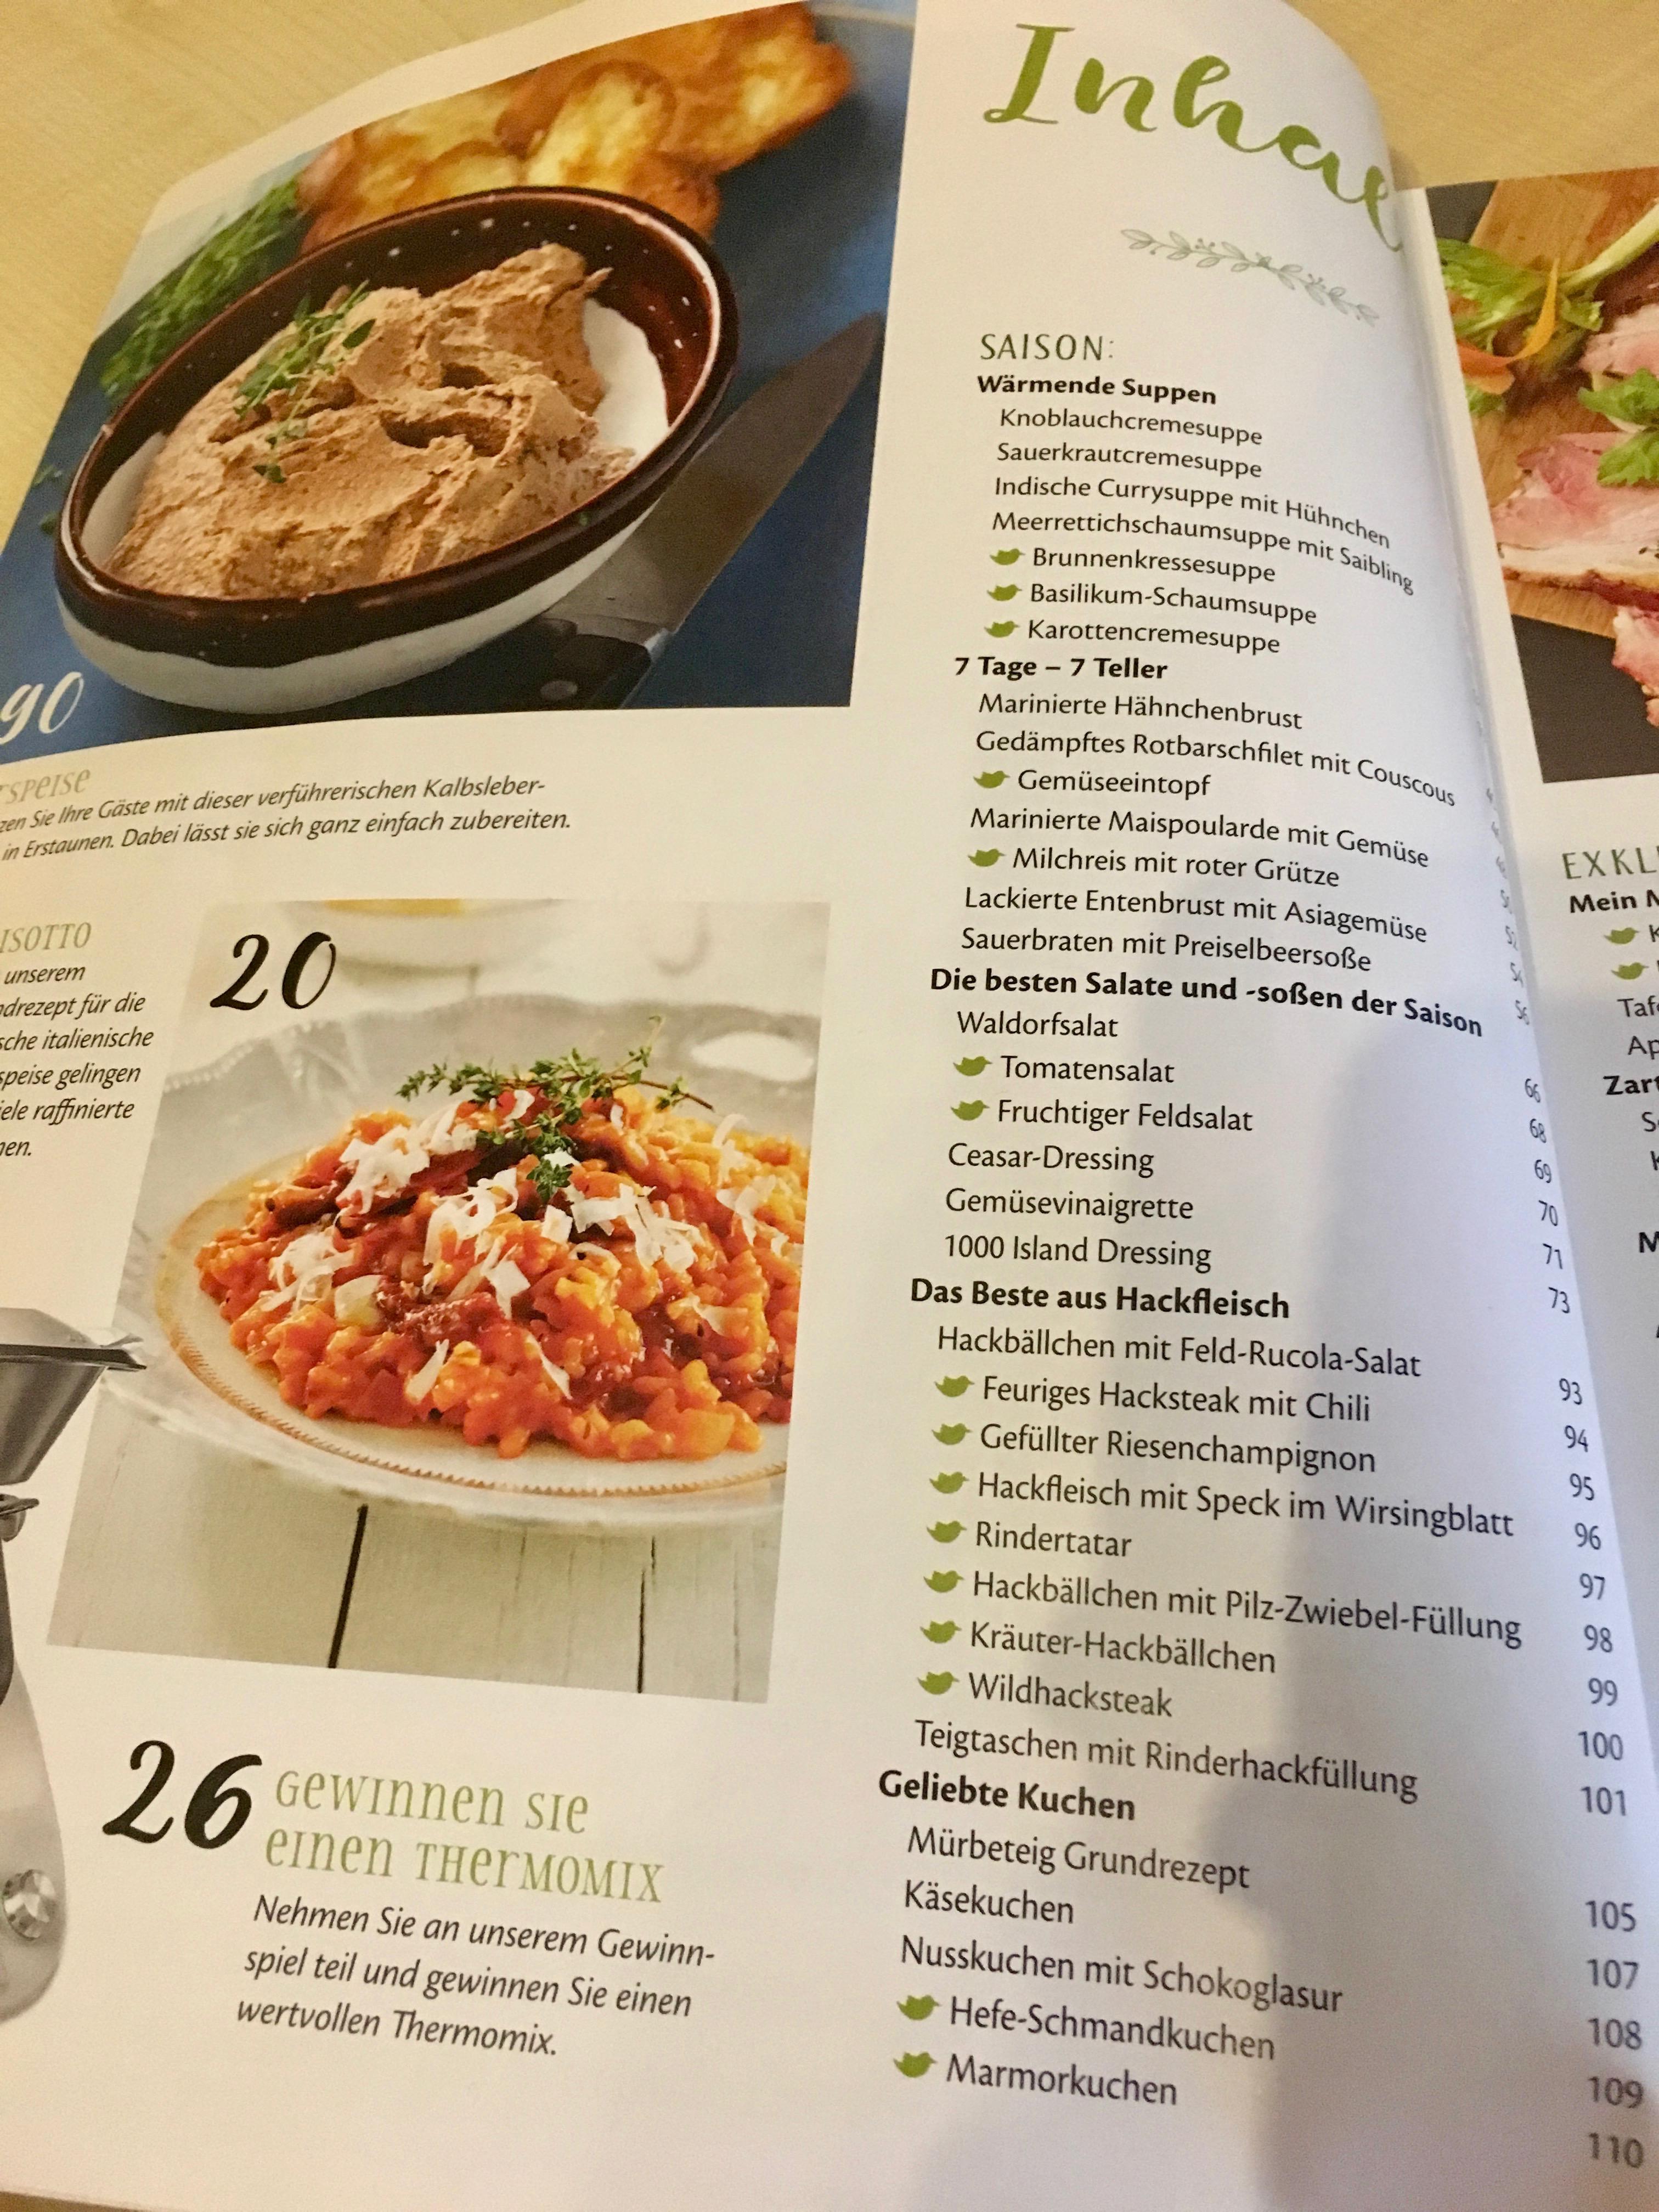 Thermomix Kochbuch Leicht Und Lecker Rezept Fur Pizza Schnecken